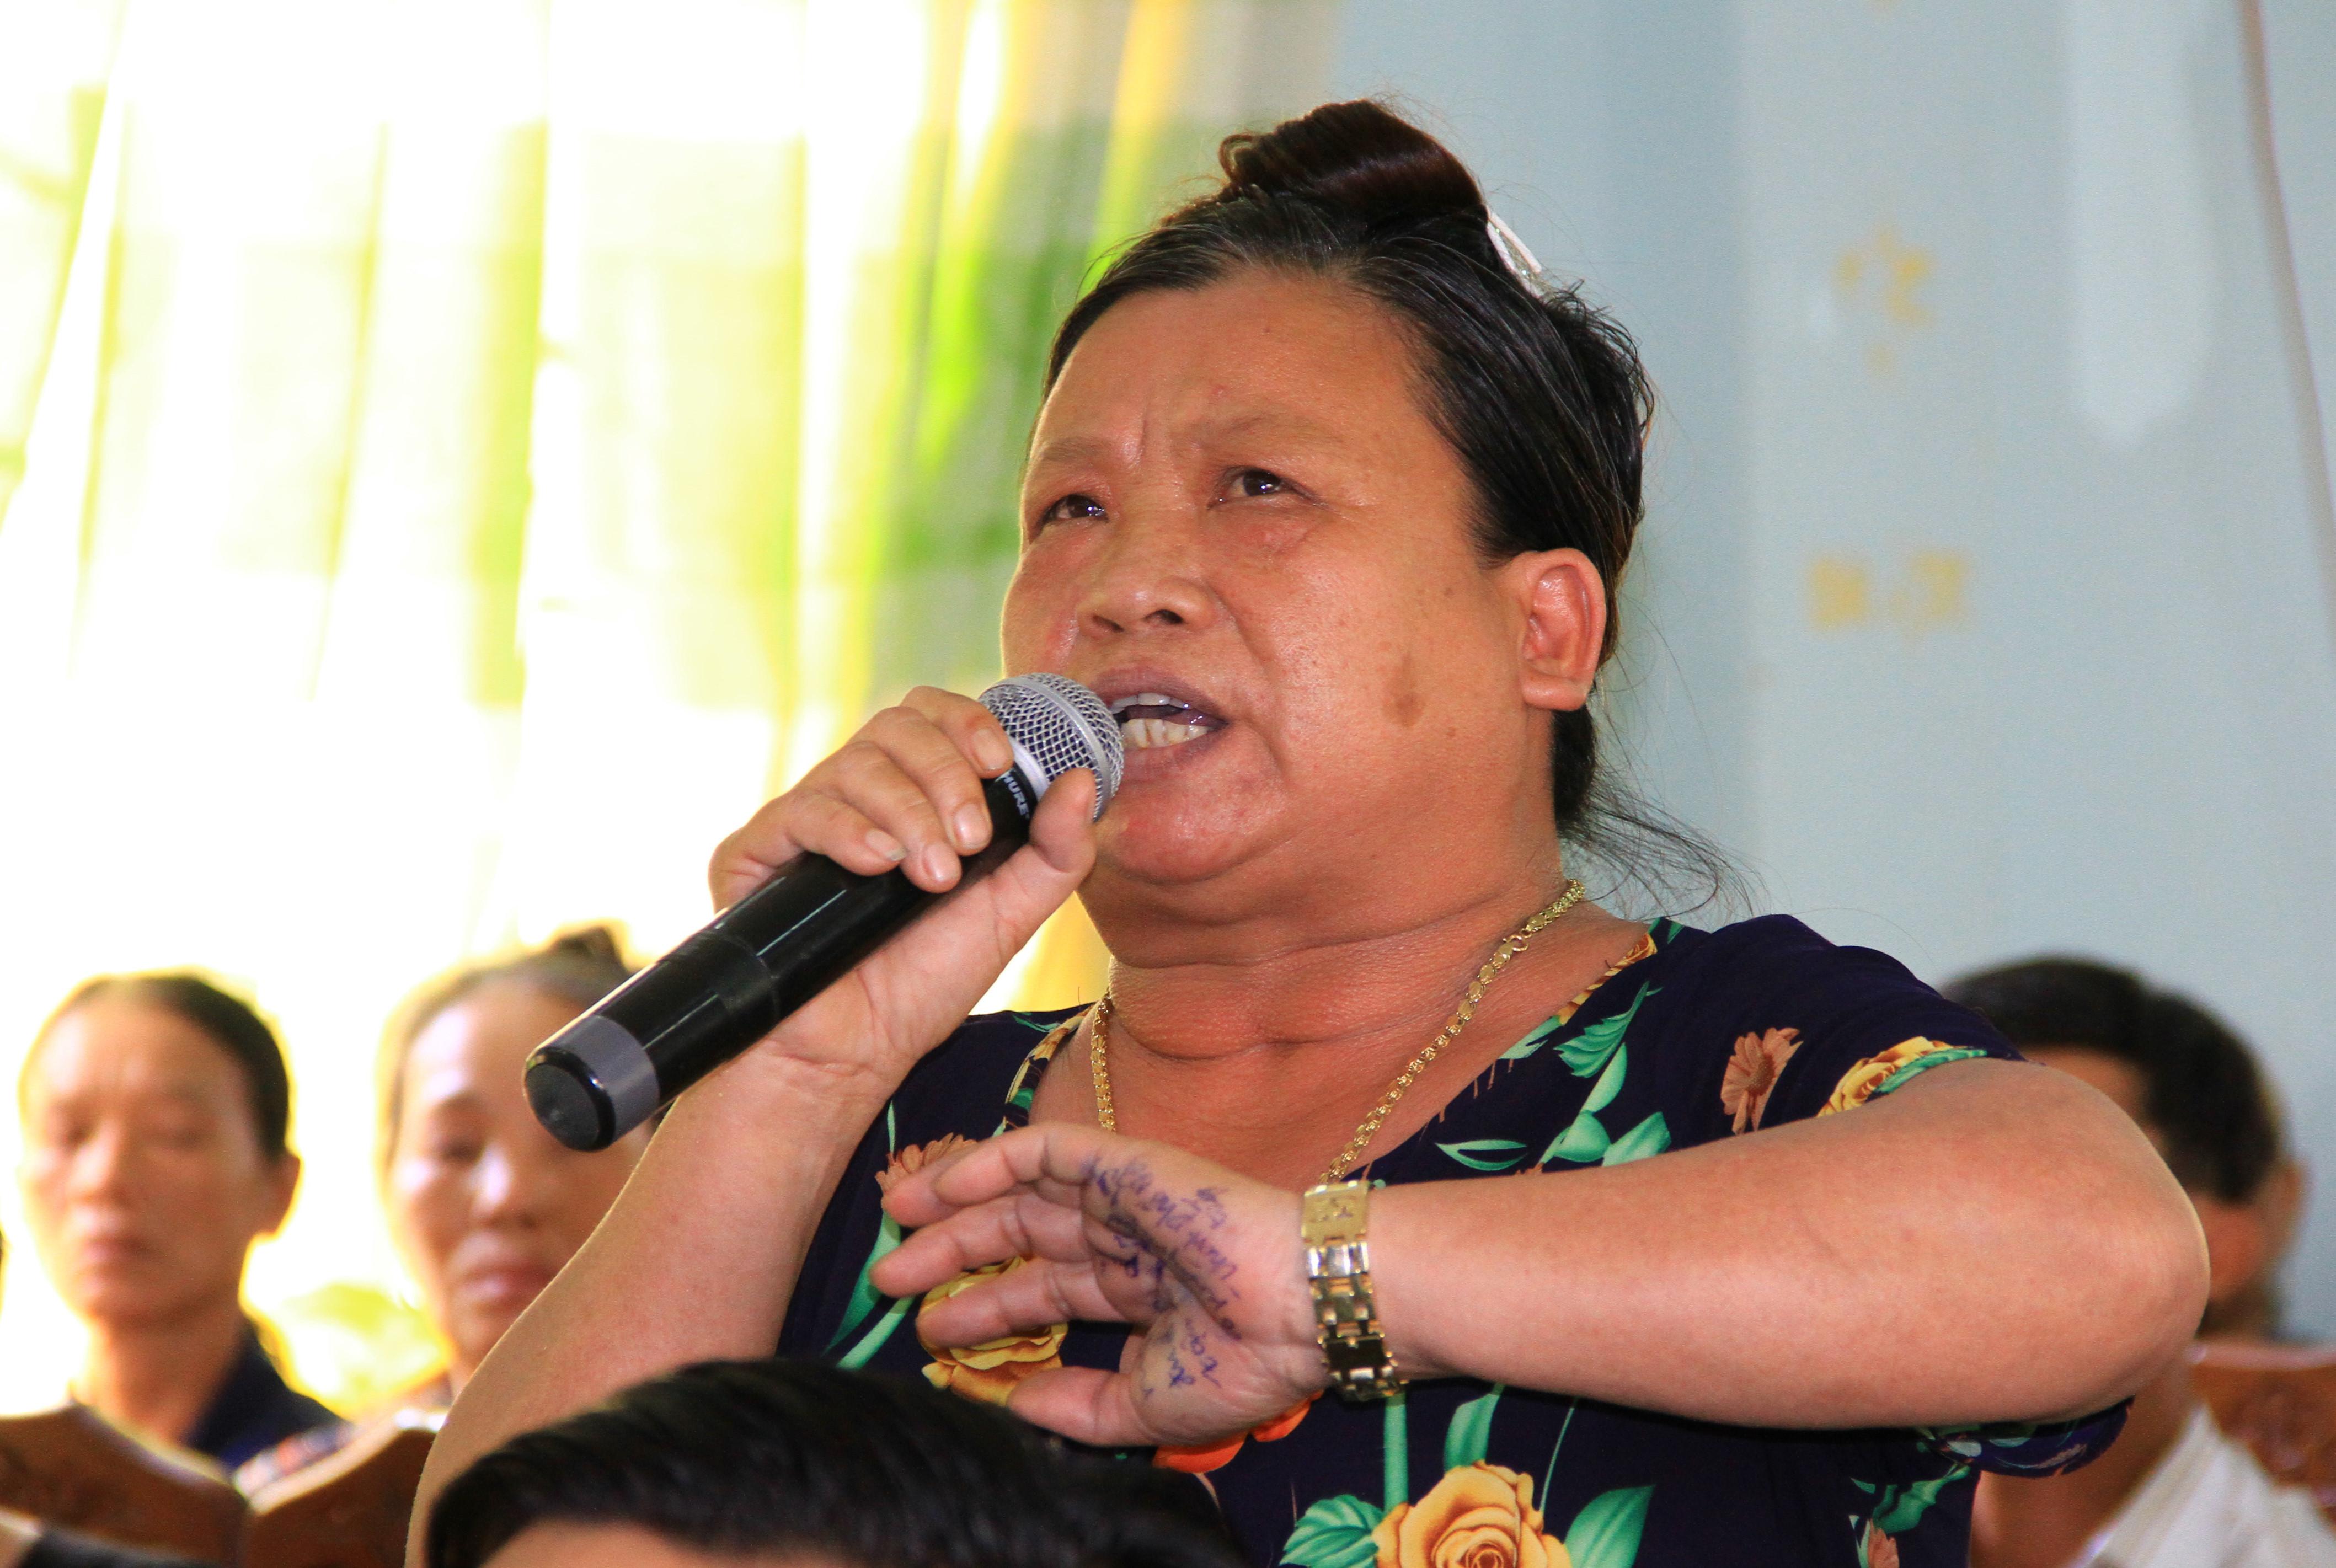 Phó chủ tịch Đà Nẵng: 'Bãi rác thối thế này, dân sao chịu được' Ảnh 2